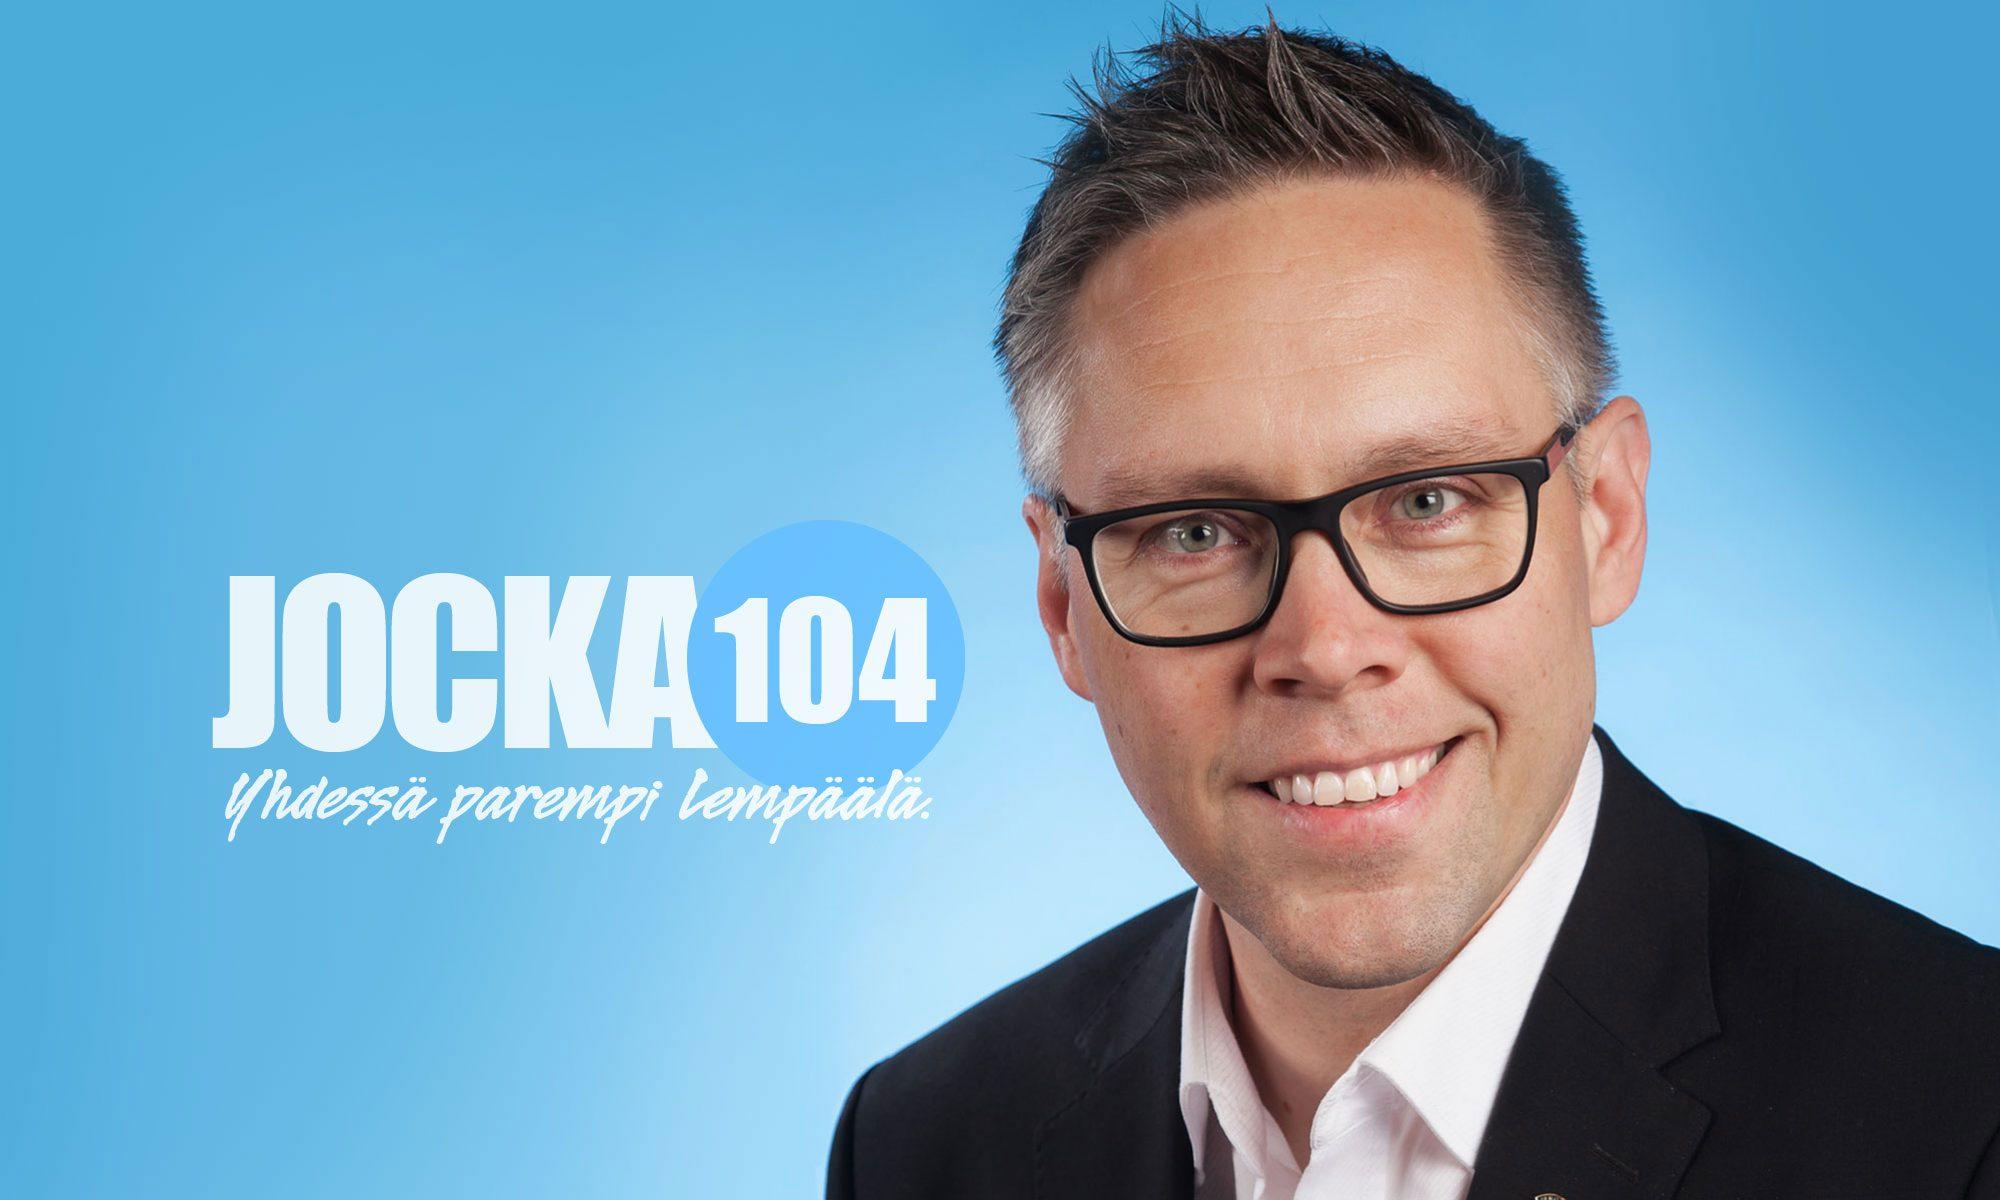 Jocka Träskbäck 104